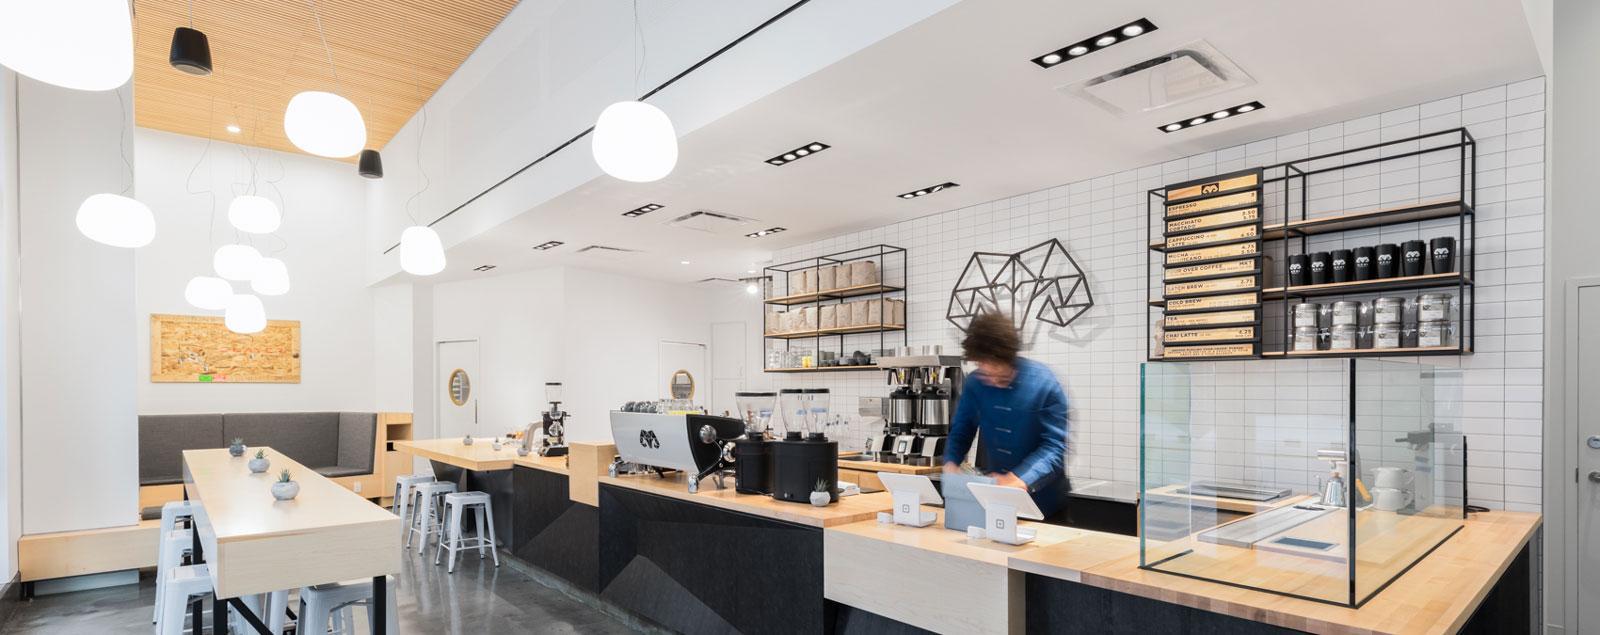 Progetto luci abitazione progetto illuminazione uffici bar for Disegni di uffici di garage